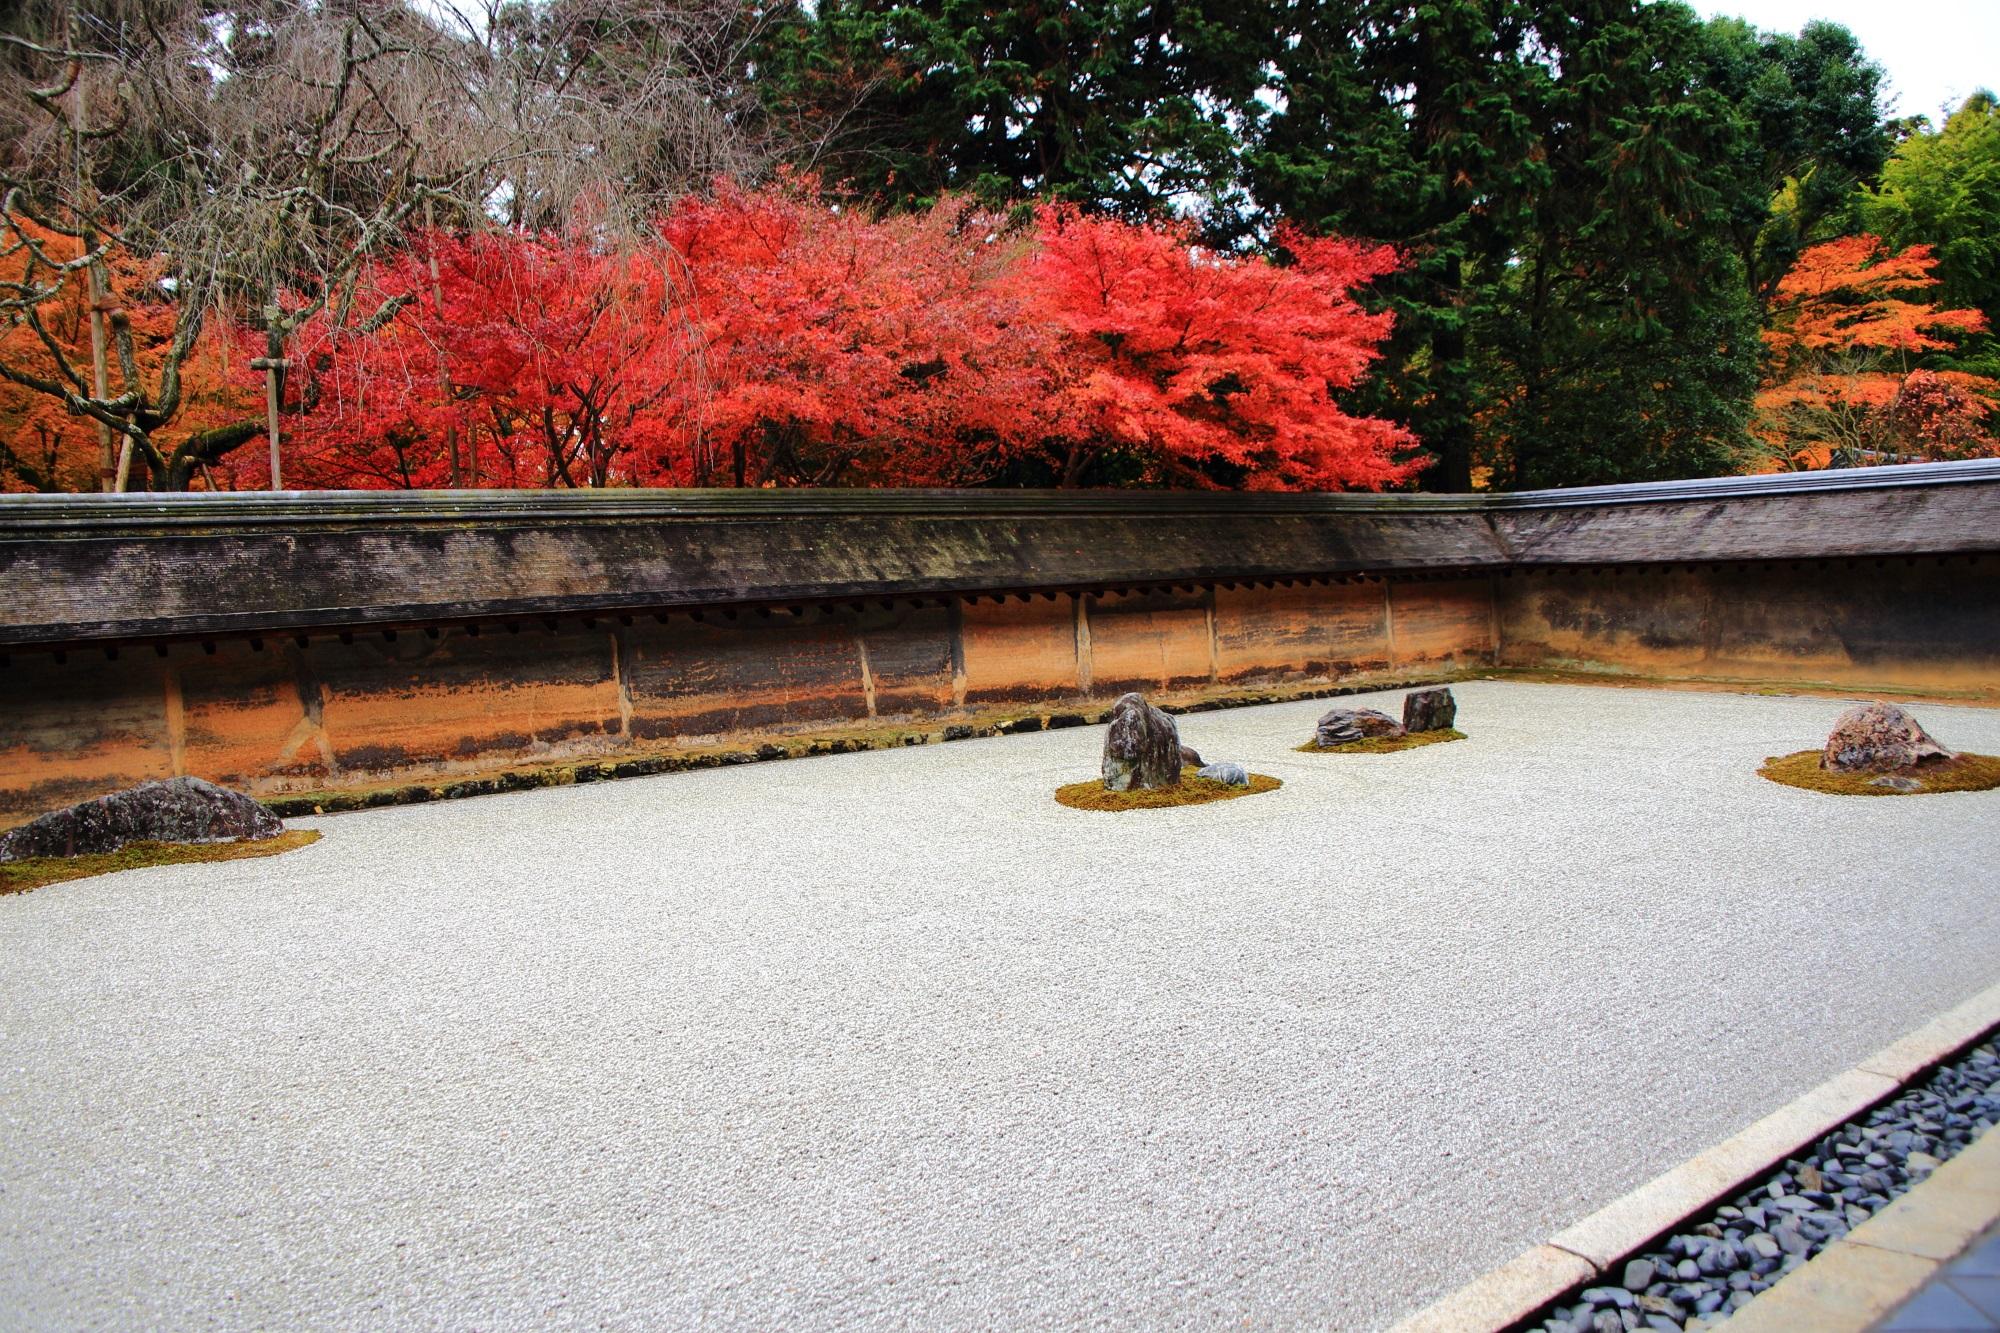 龍安寺の有名な石庭の鮮やかな紅葉